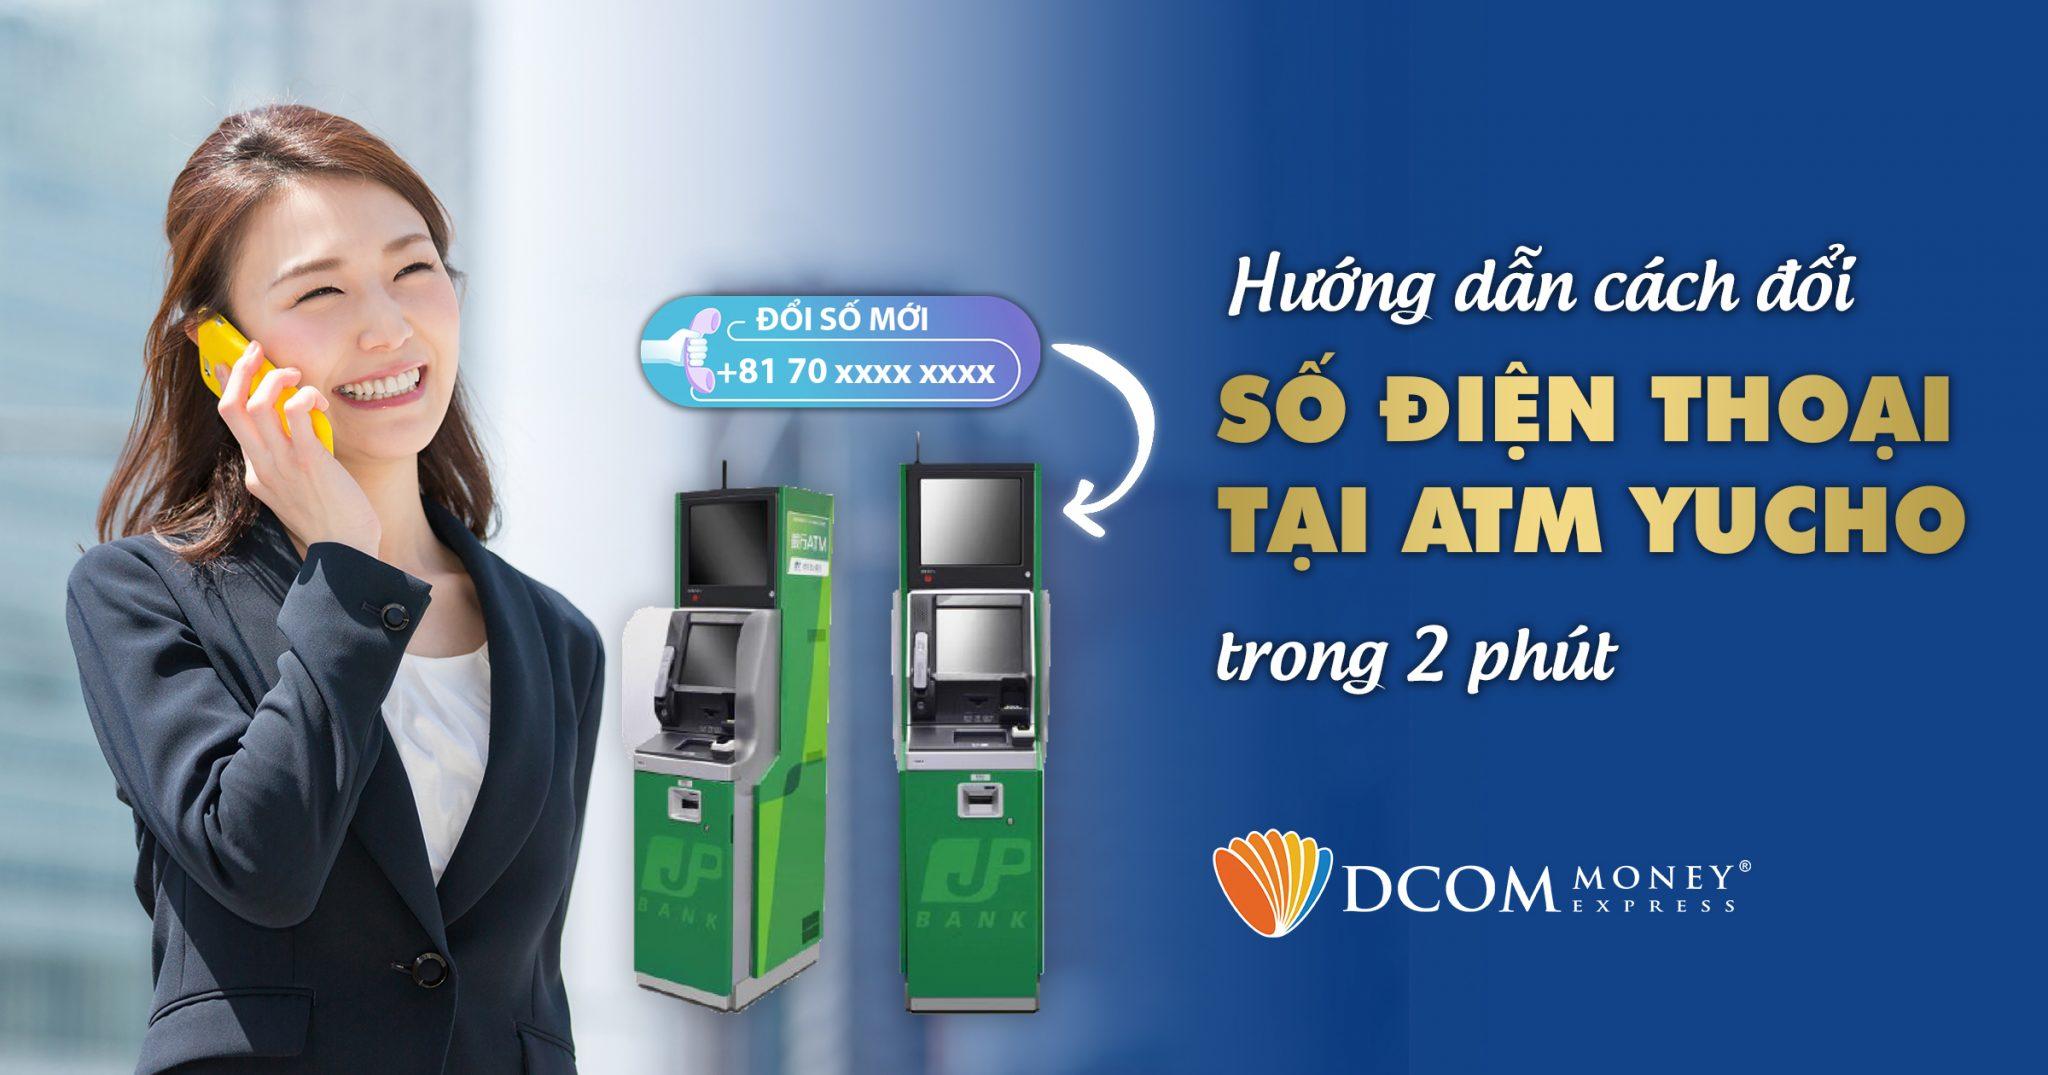 Cách đổi số điện thoại tại ATM yucho trong 2 phút